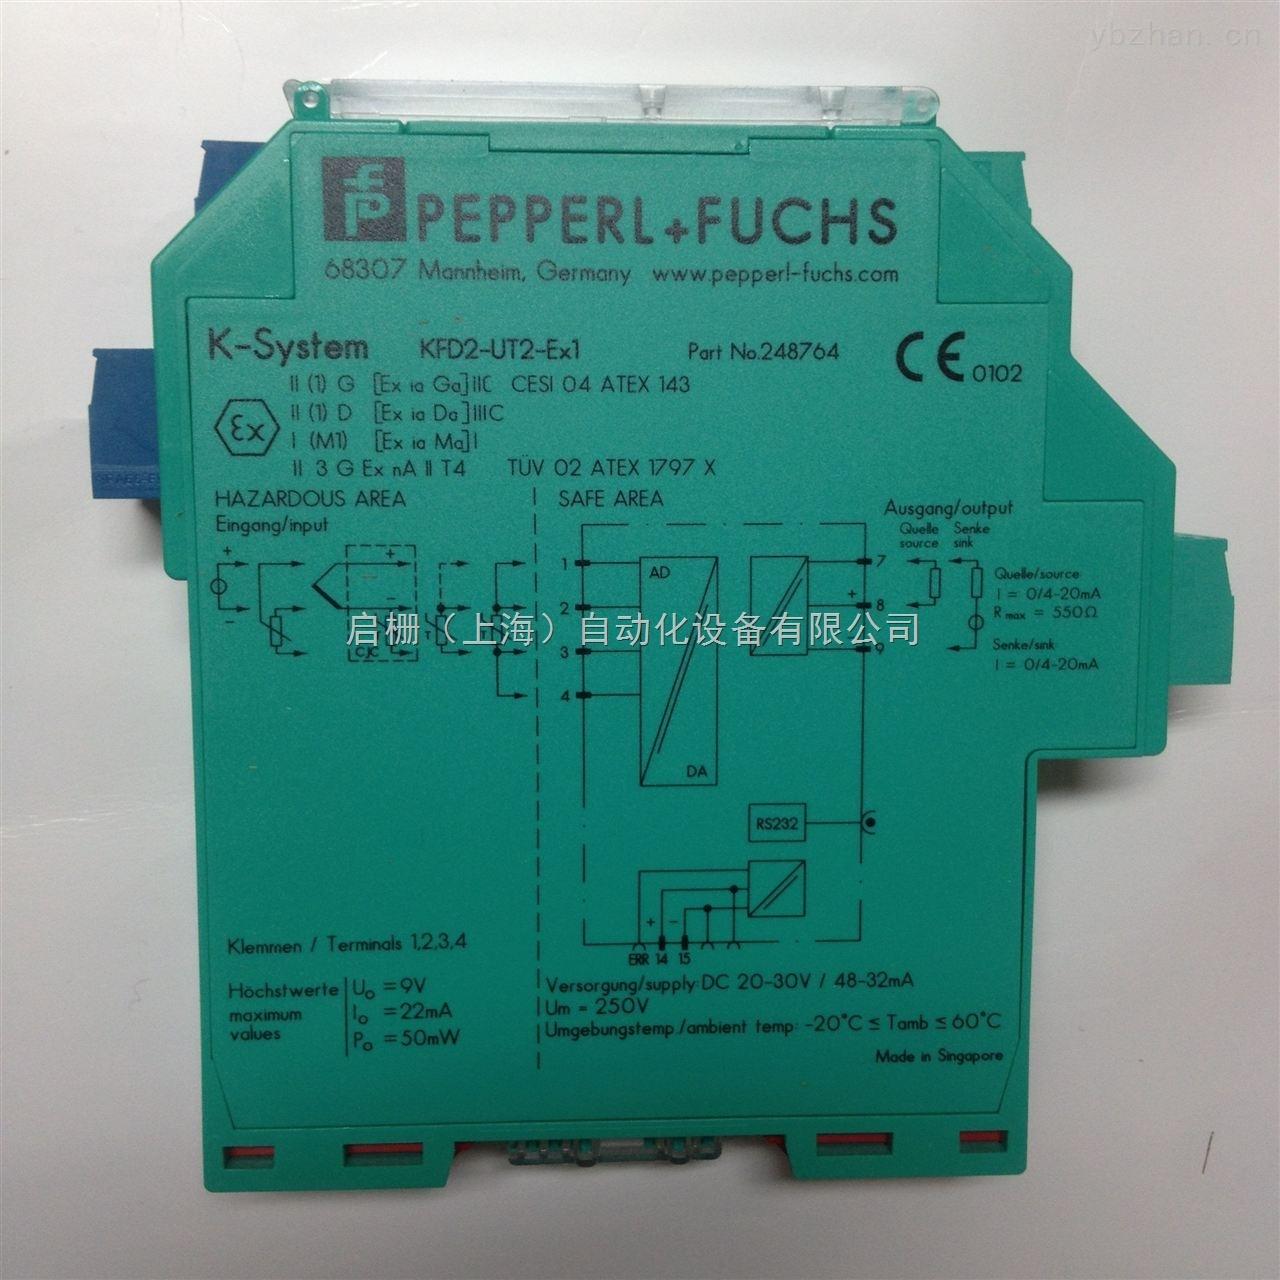 温度信号安全栅KFD2-UT2-EX1